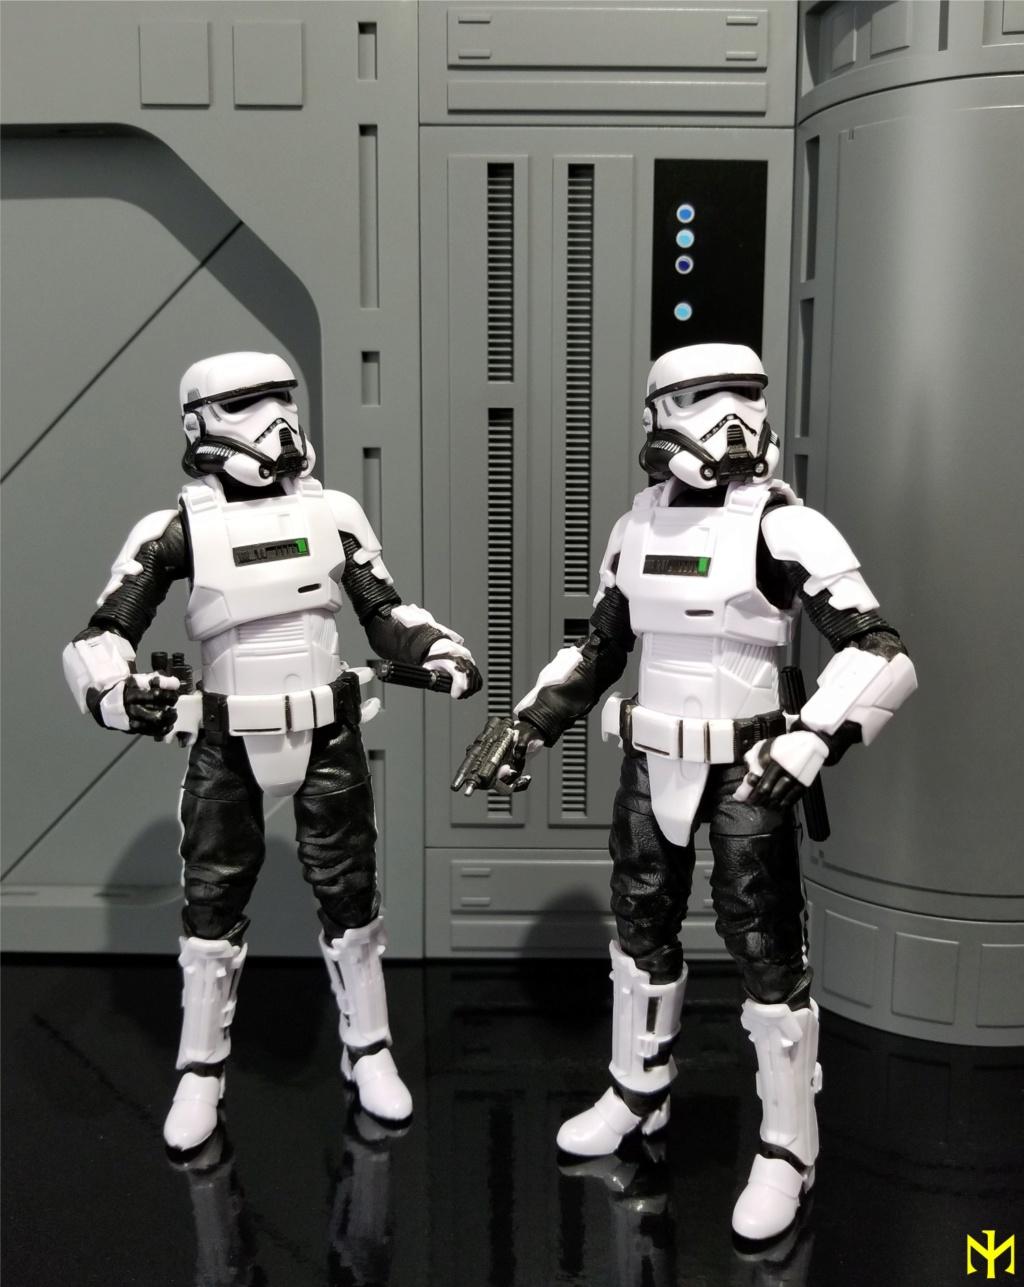 STAR WARS Imperial Patrol Trooper 1:12 scale Black Series action figure by Hasbro Pat0110